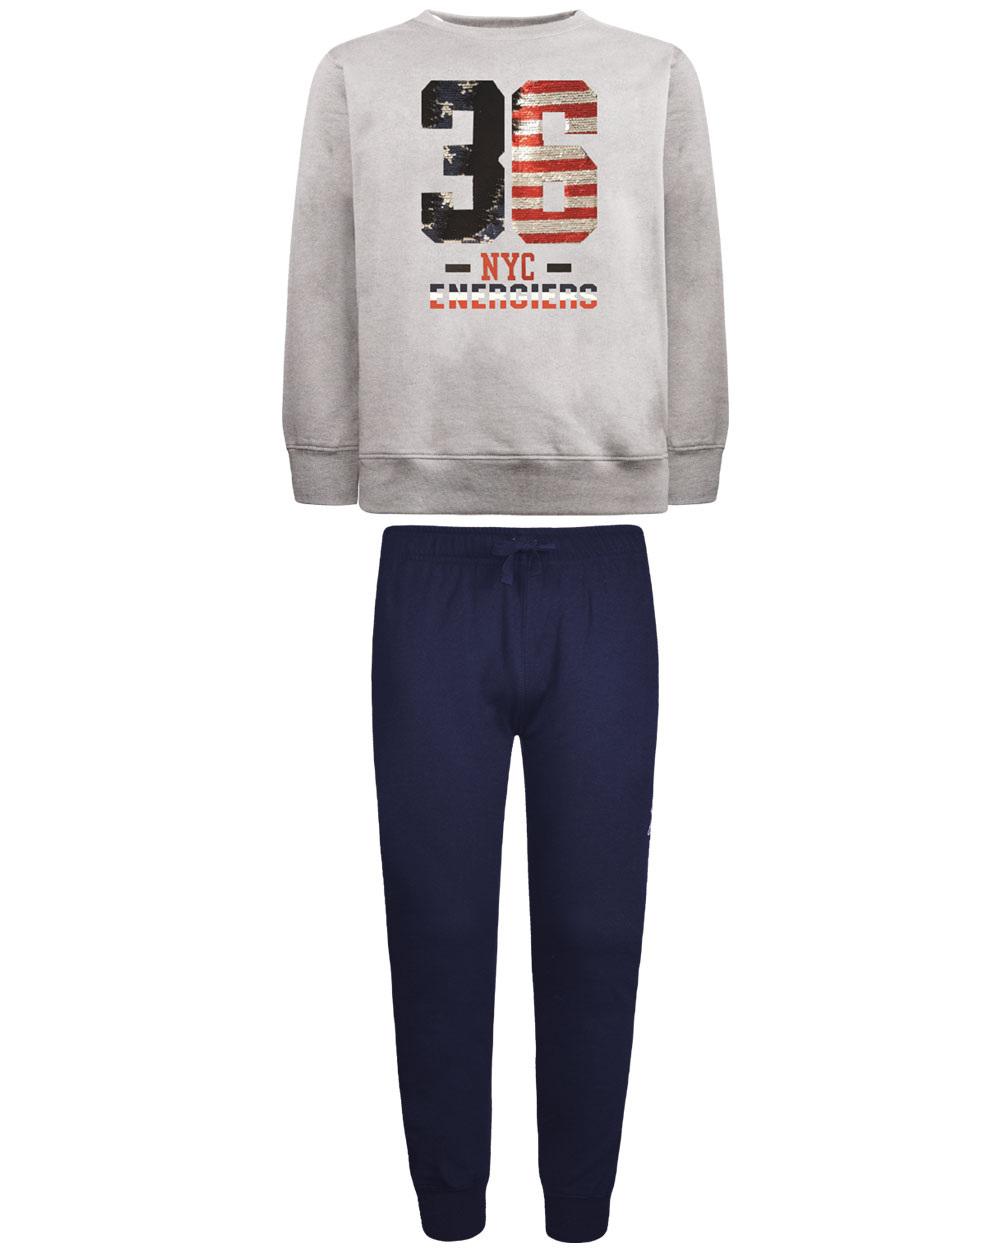 Φόρμα παντελόνι με τυπωμένη tape και μπλούζα με παγιέτες που αλλάζουν 13-120078-0 - ΜΑΡΕΝ - 17902-1/12/292/106